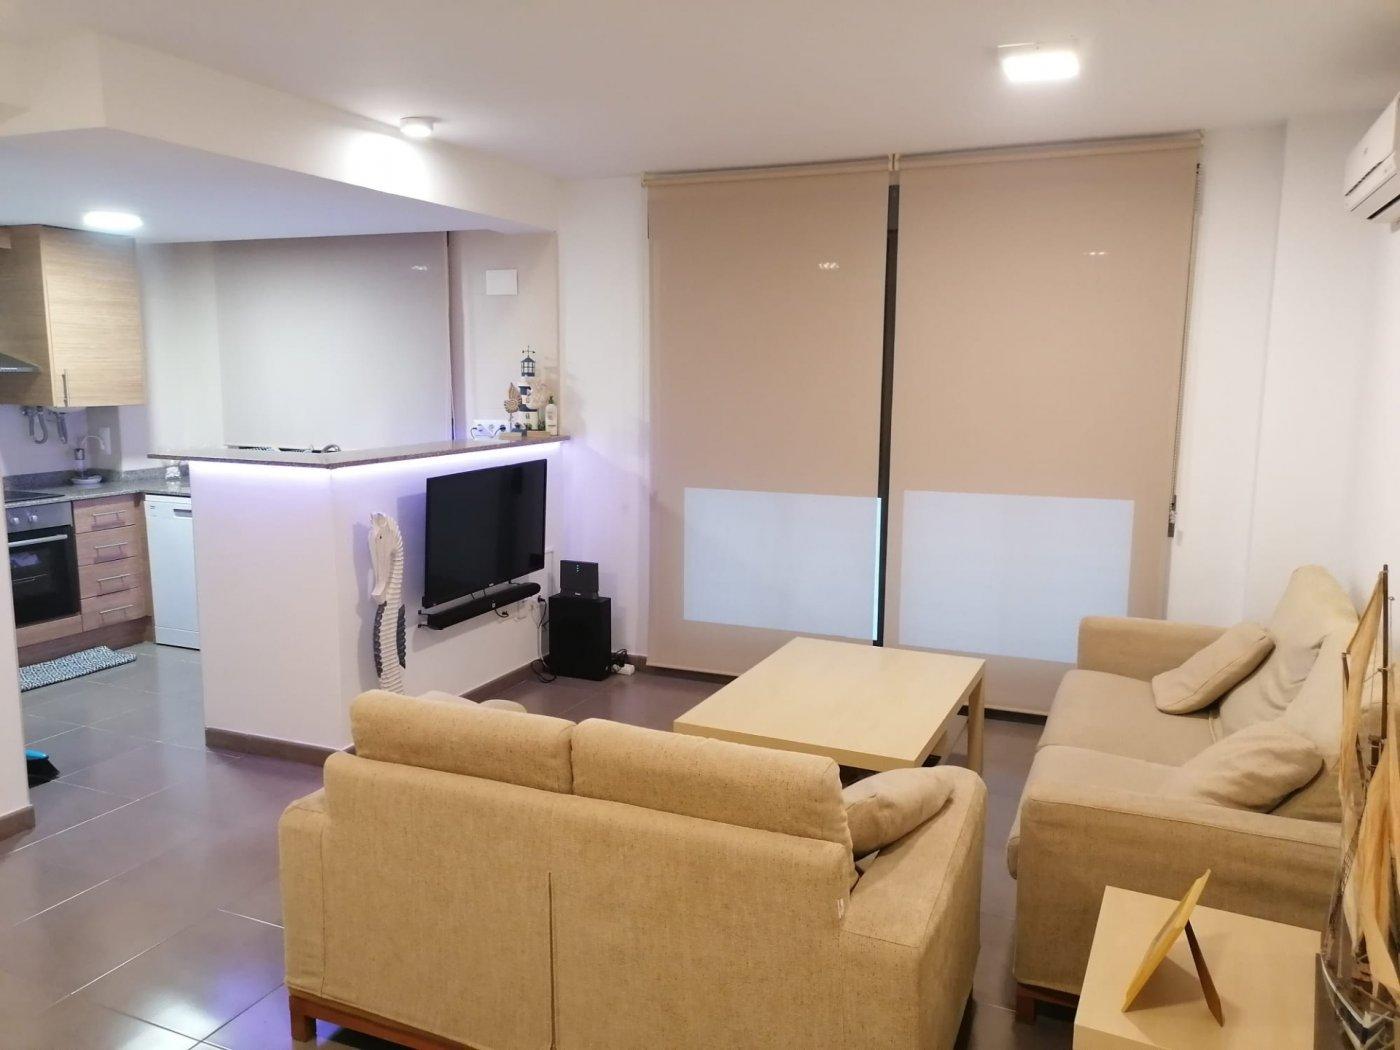 Fantástico apartamento en peñíscola 1 hab - imagenInmueble15